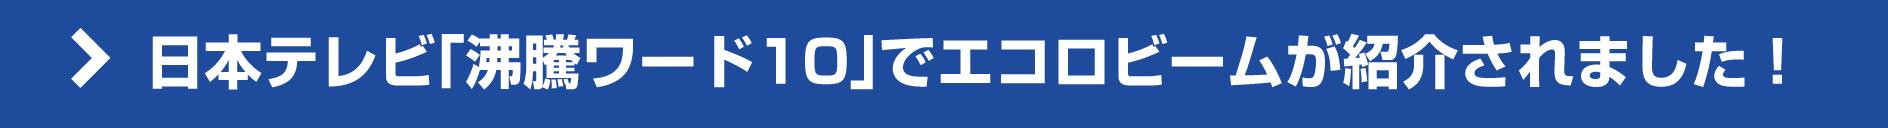 日本テレビ「沸騰ワード10」でエコロビームが紹介されました!